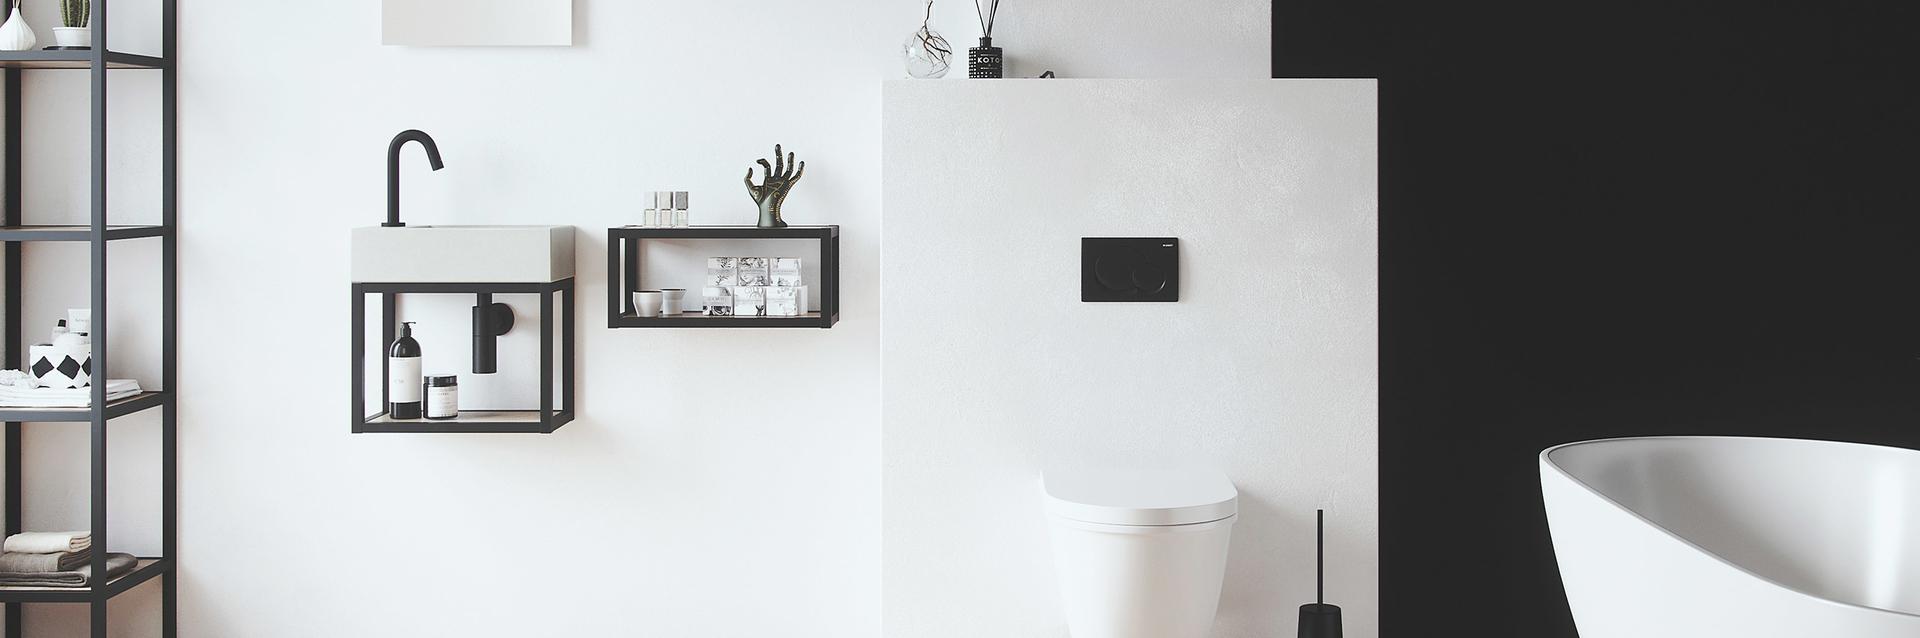 Wastafel voor de wc met stoere stalen frames